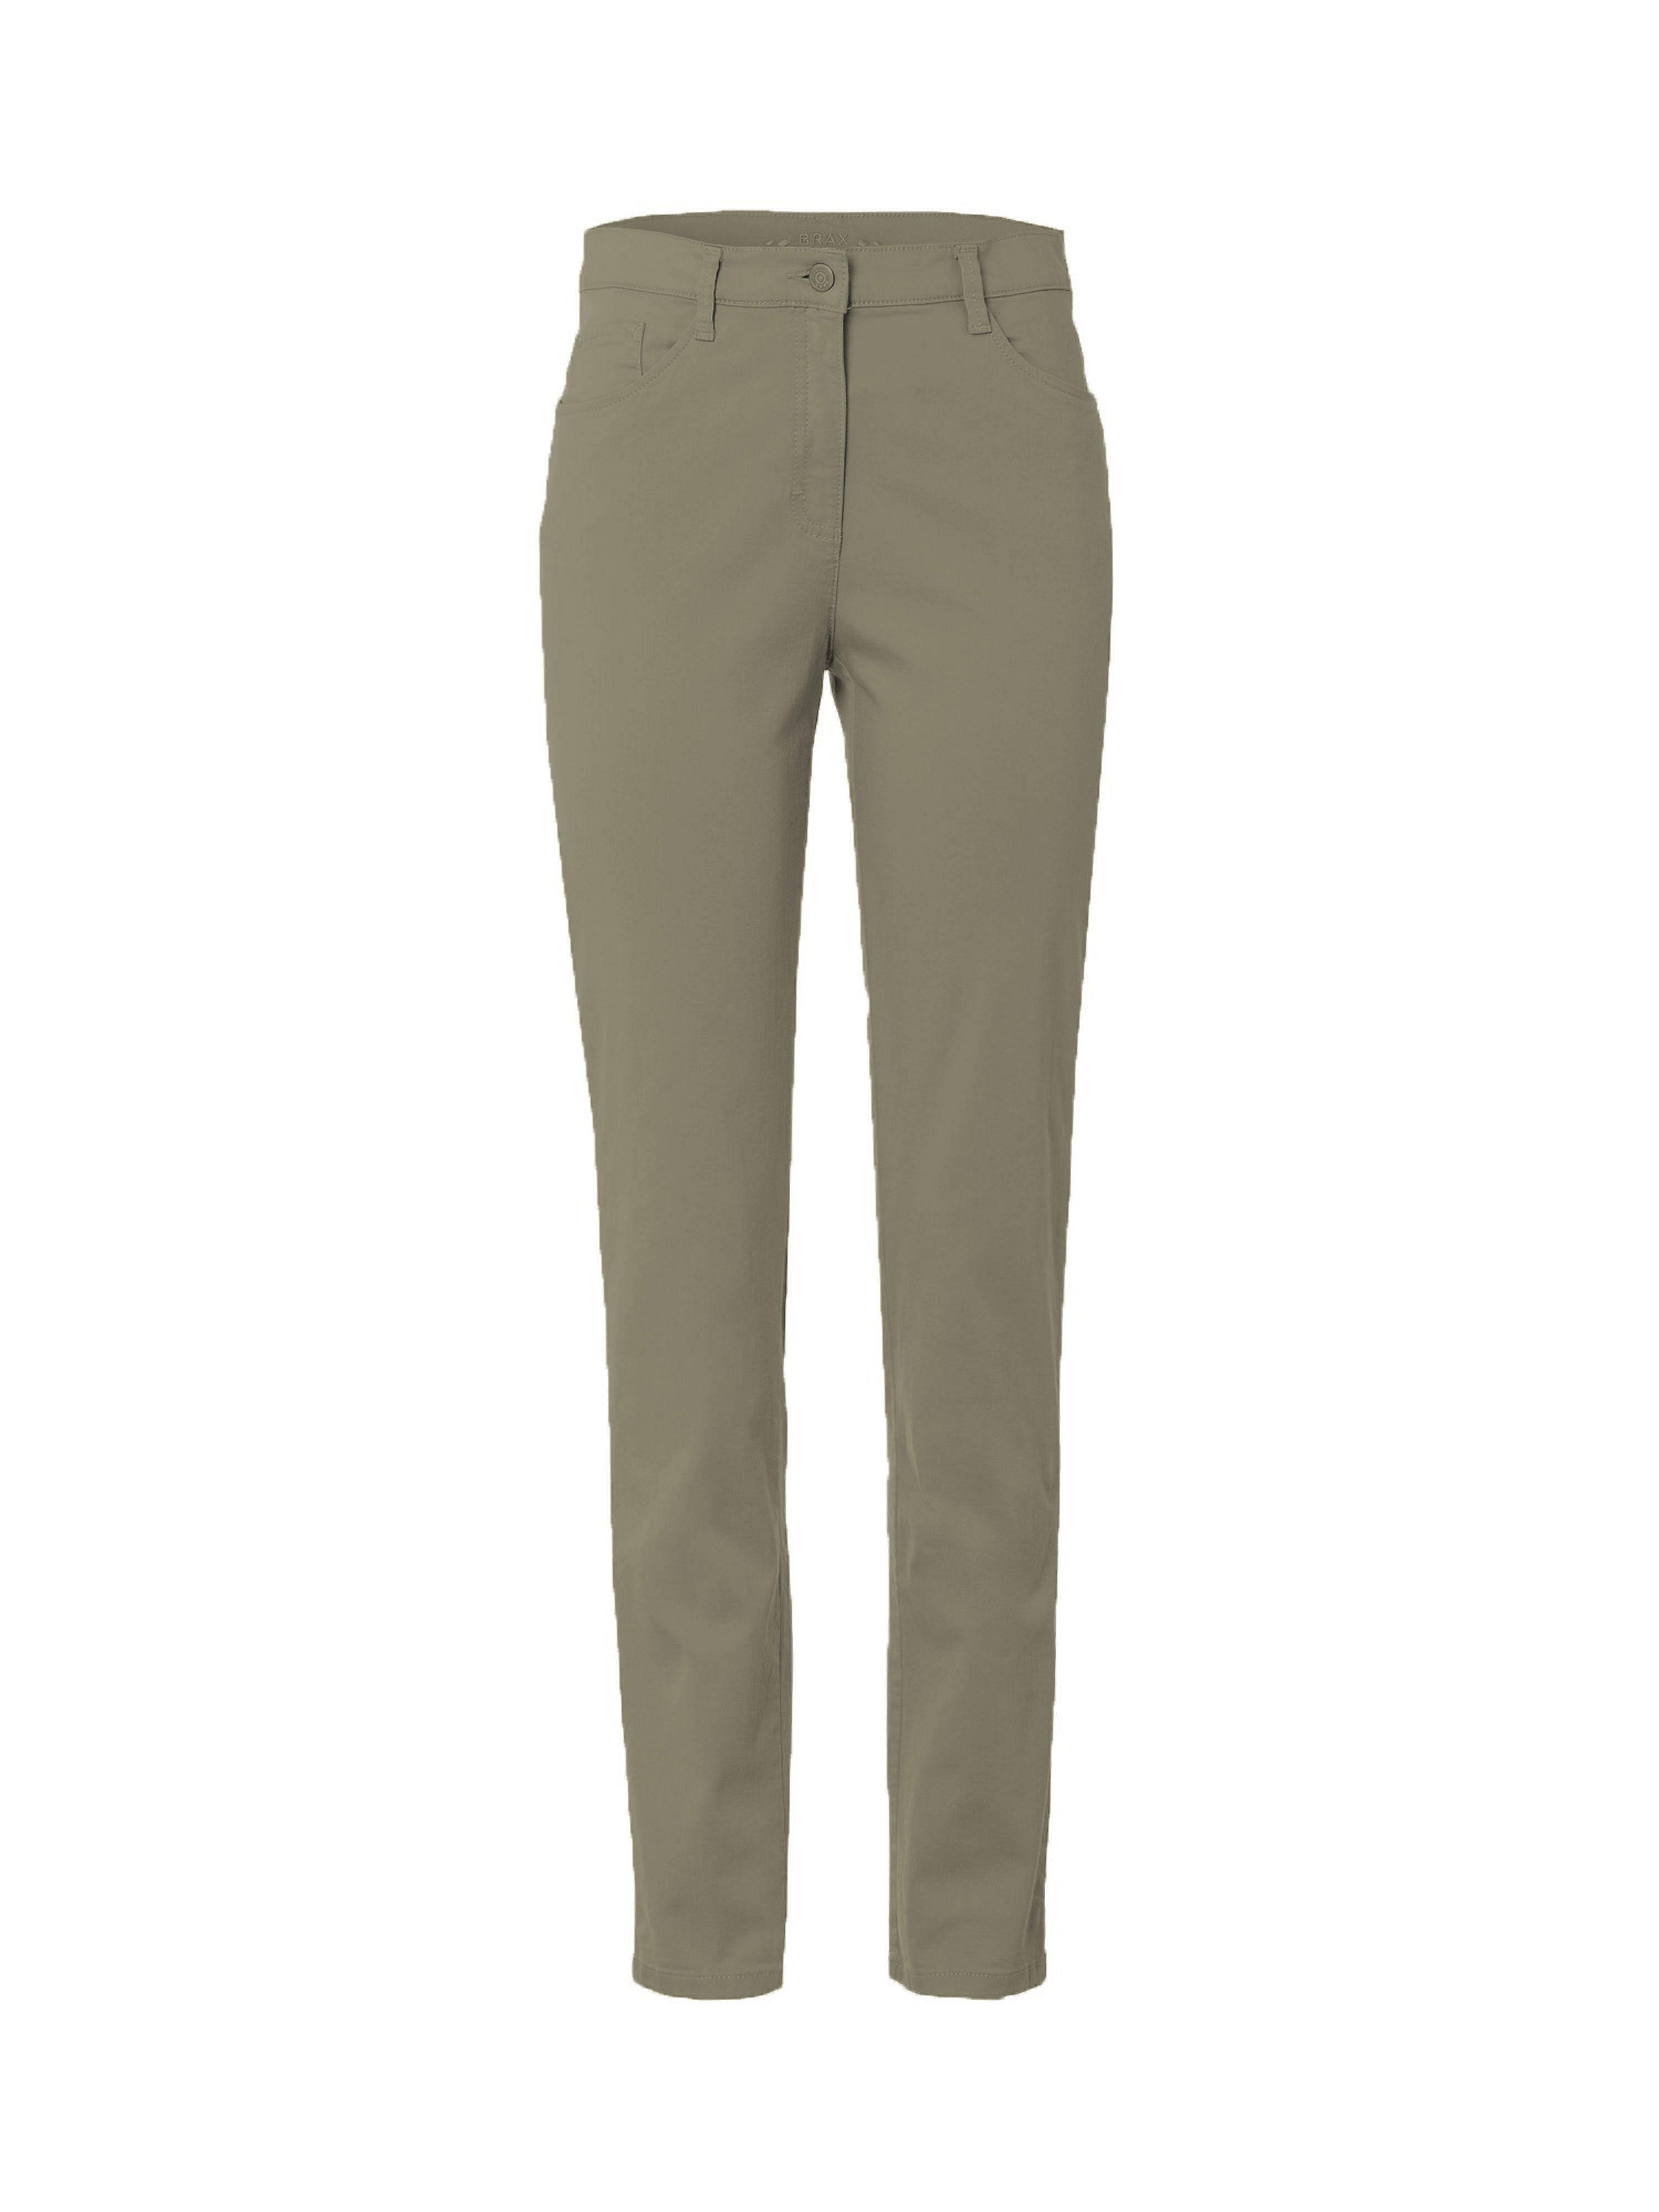 Image of Slim fit jeans, model Mary Van Brax Feel Good groen